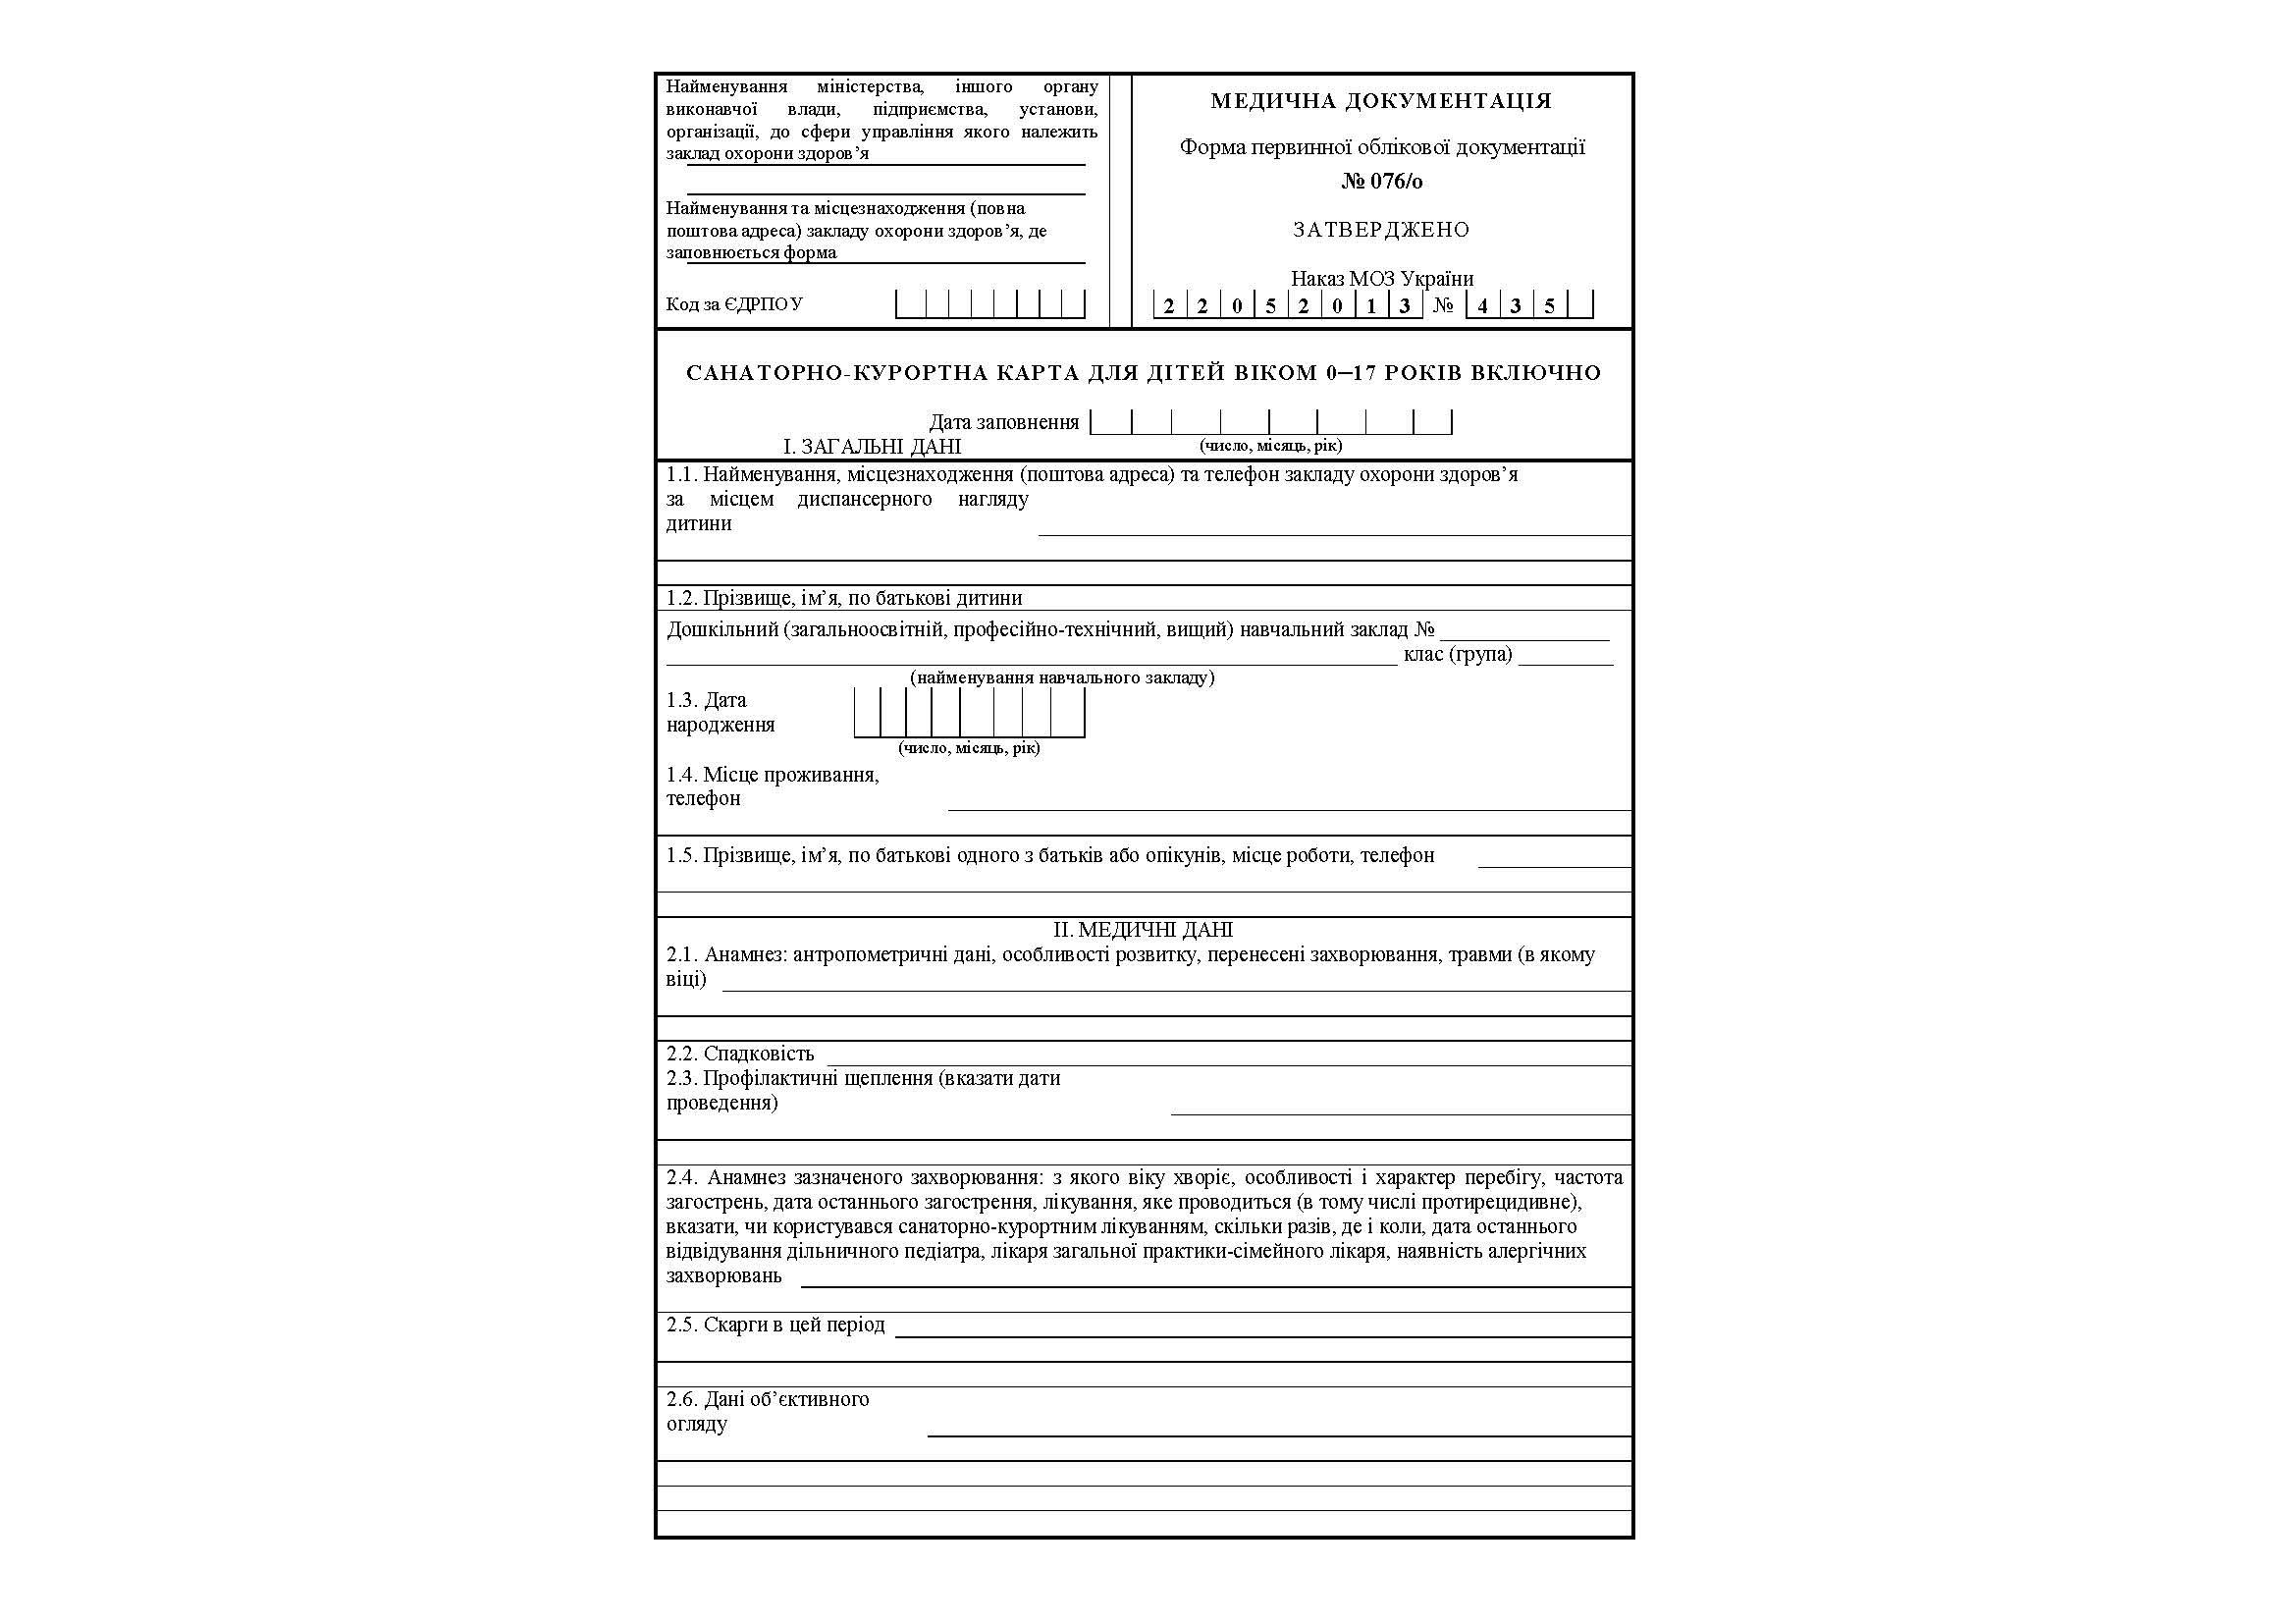 Образец справки на педикулез форма 079